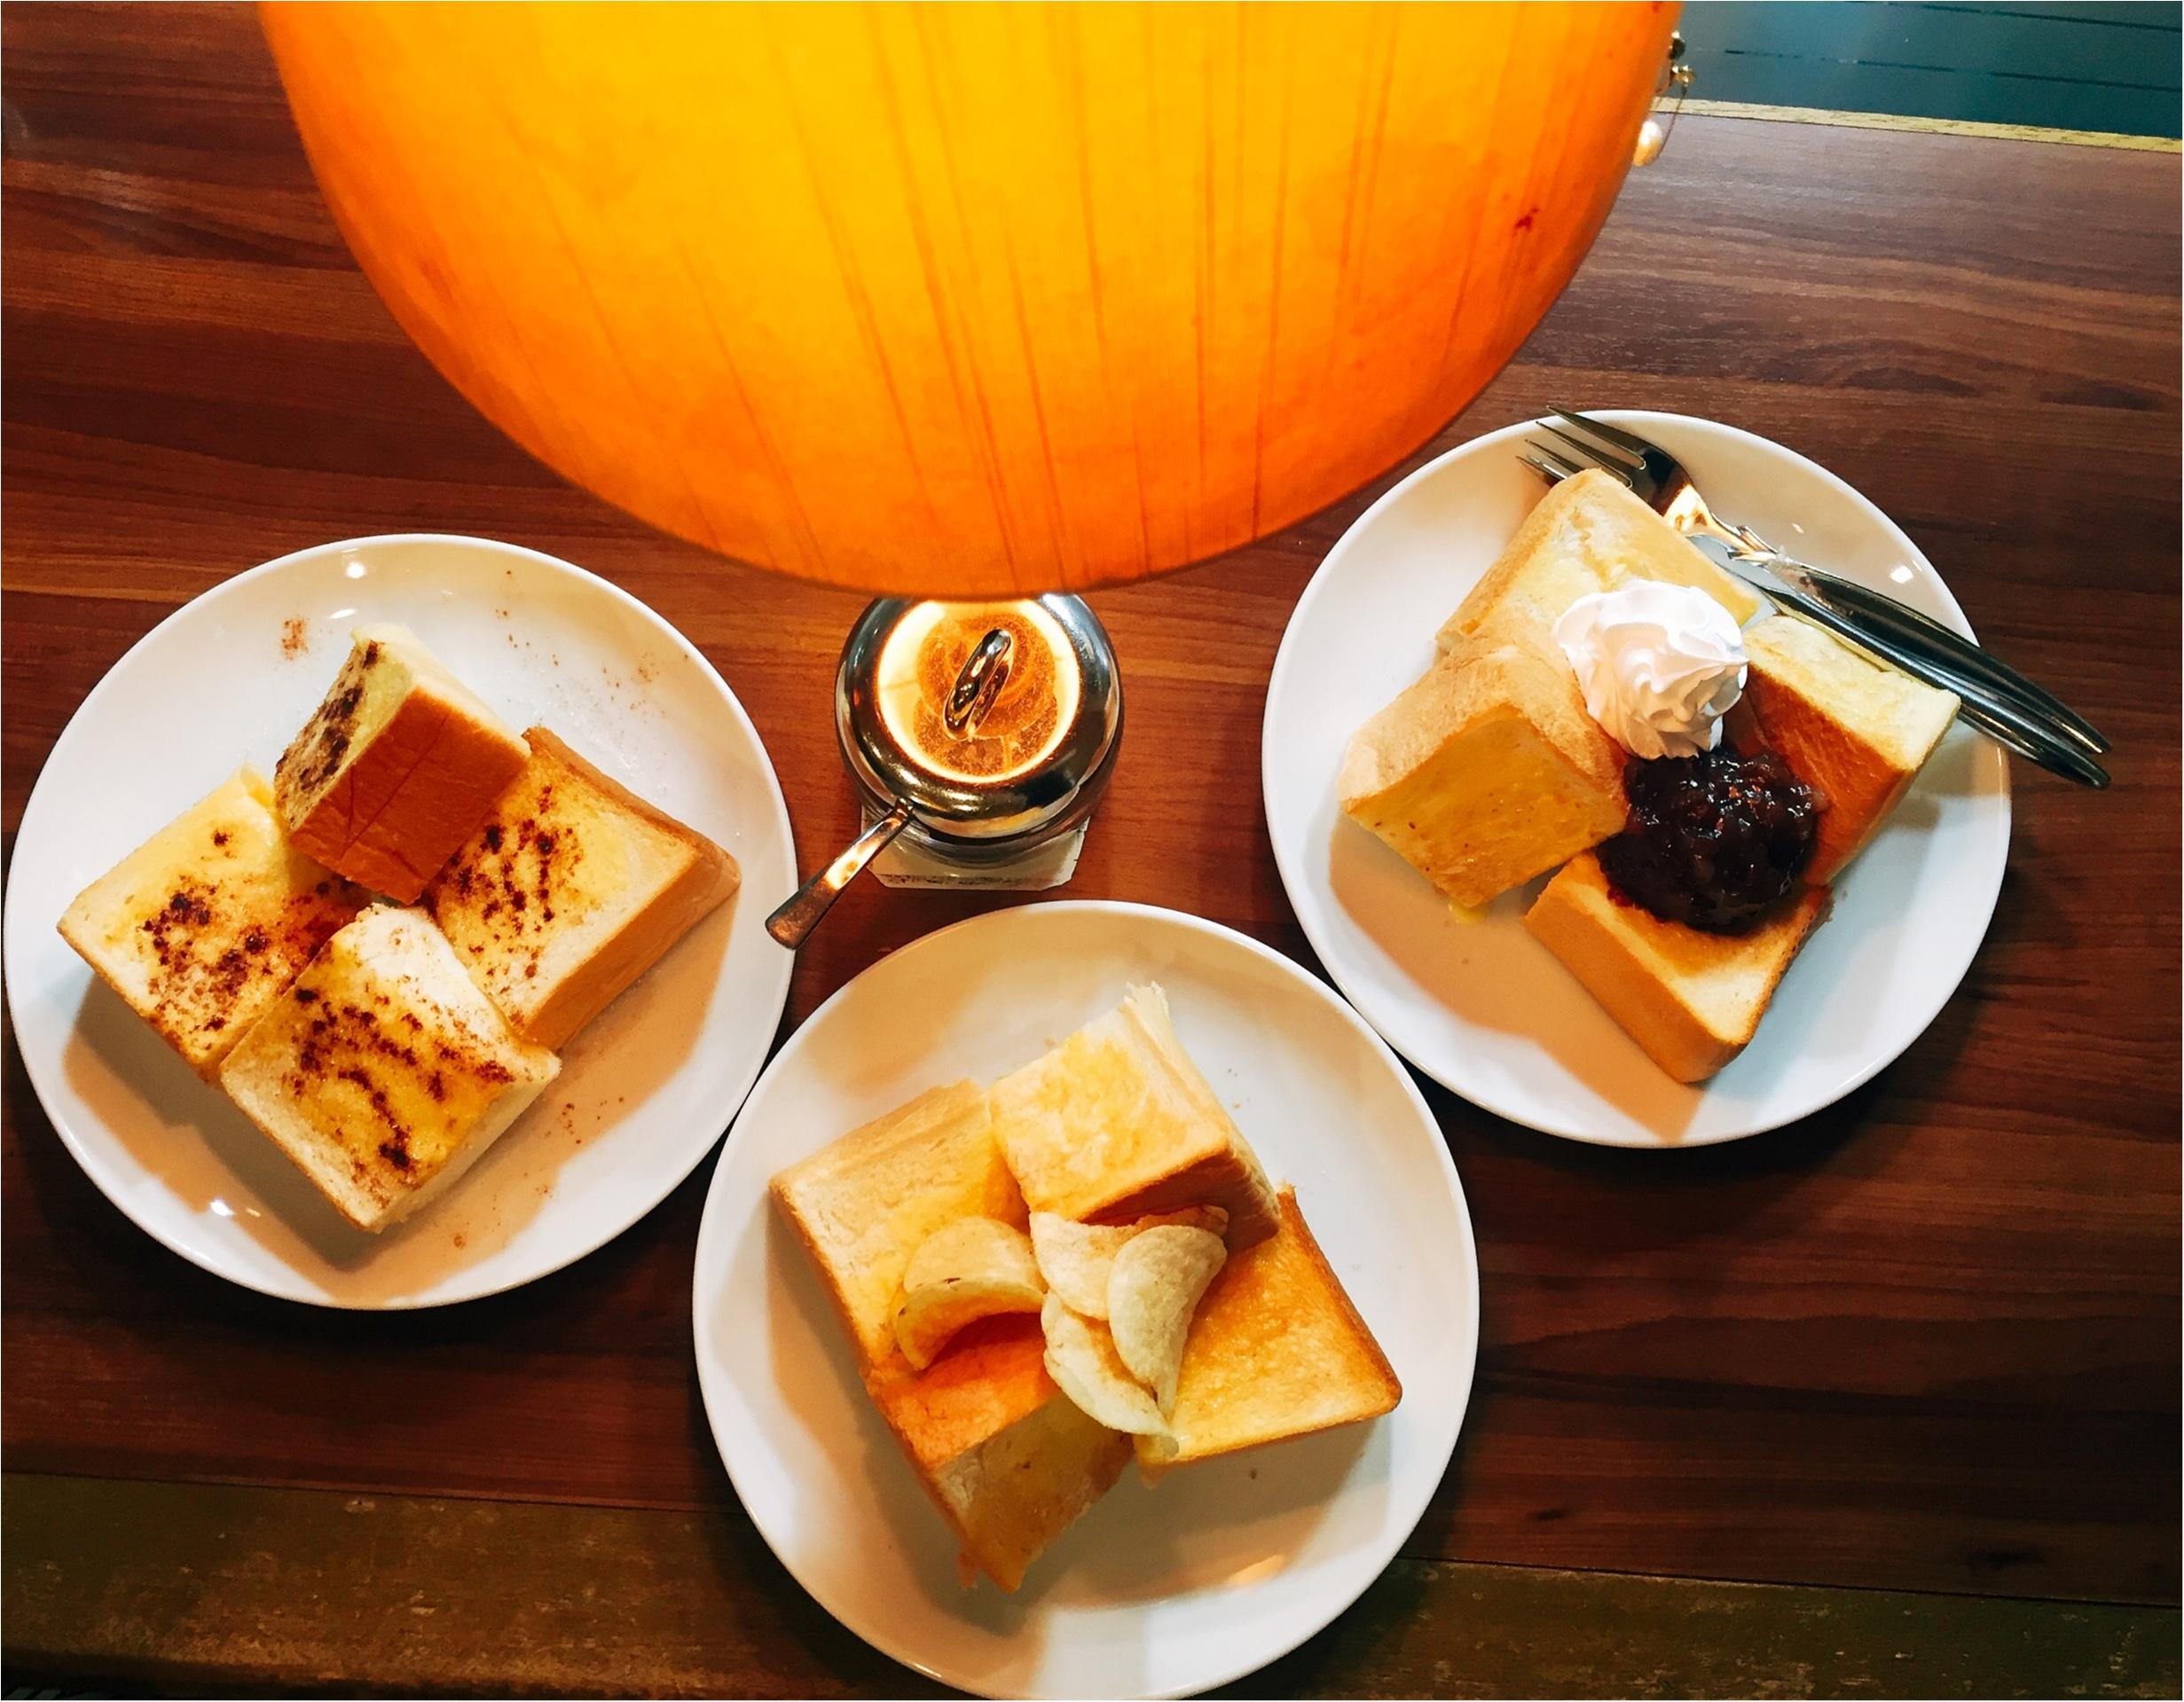 おすすめの喫茶店・カフェ特集 - 東京のレトロな喫茶店4選など、全国のフォトジェニックなカフェまとめ_45